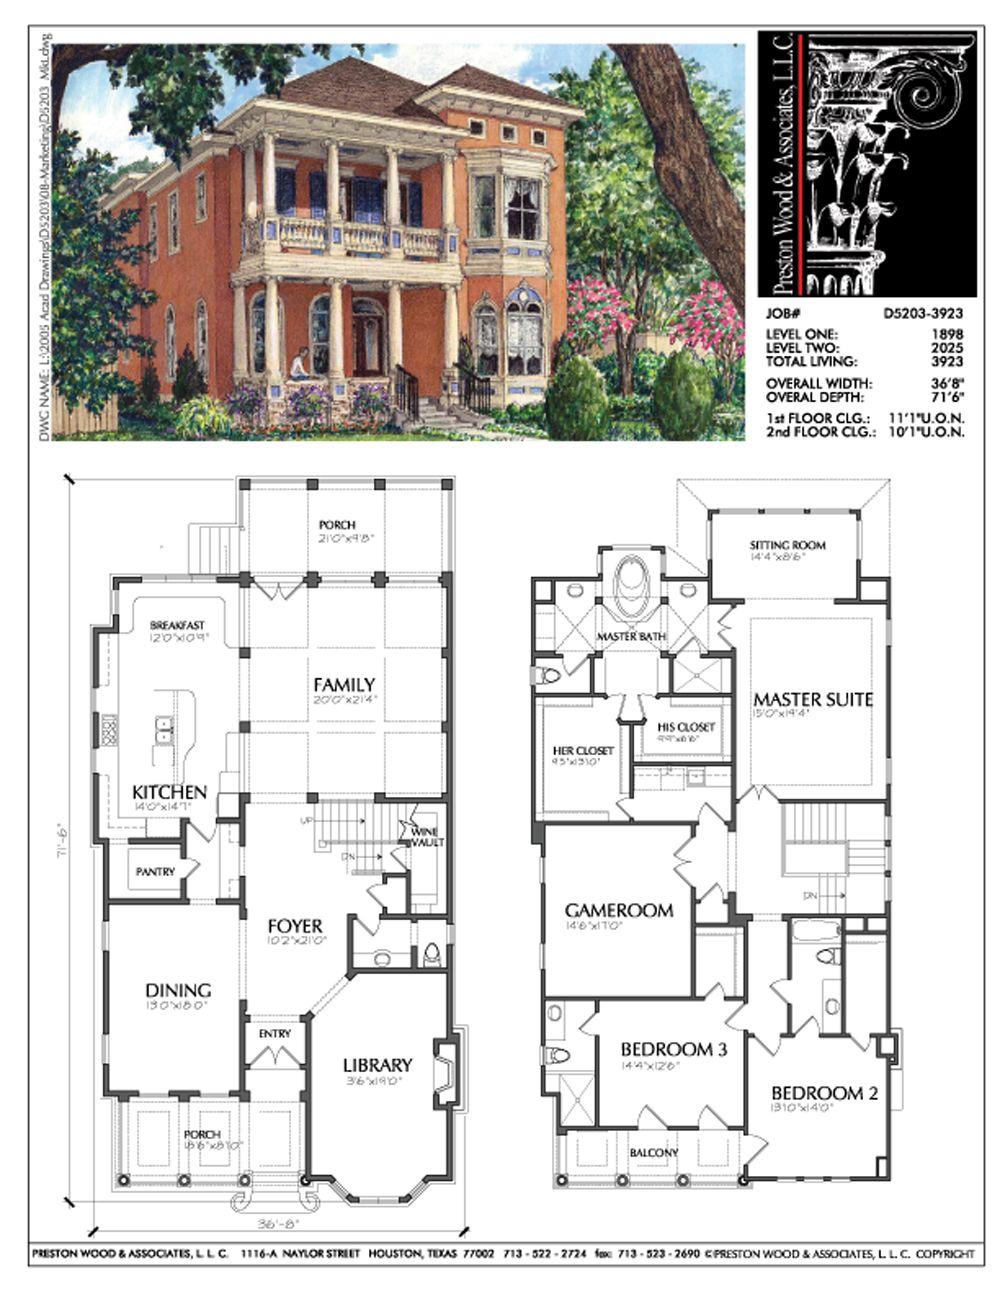 Urban Home Plan D5203 3923 Vintage House Plans House Plans Dream House Plans